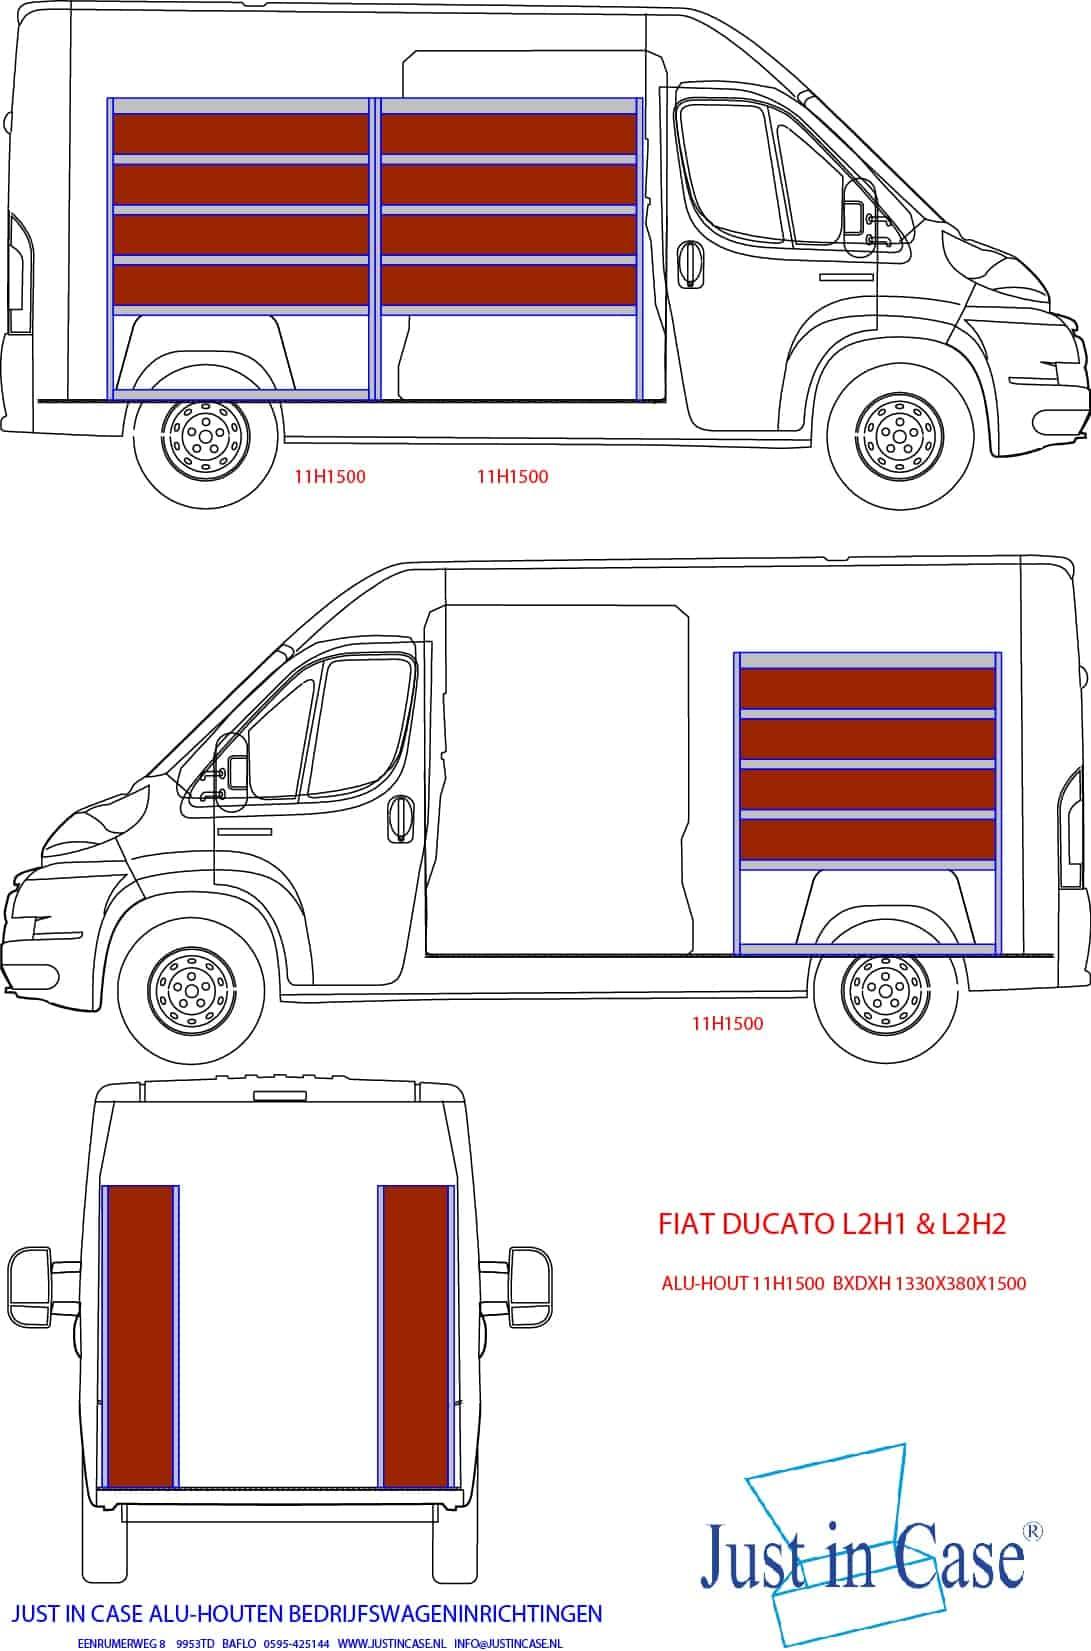 Fiat Ducato inrichting met stellingkasten